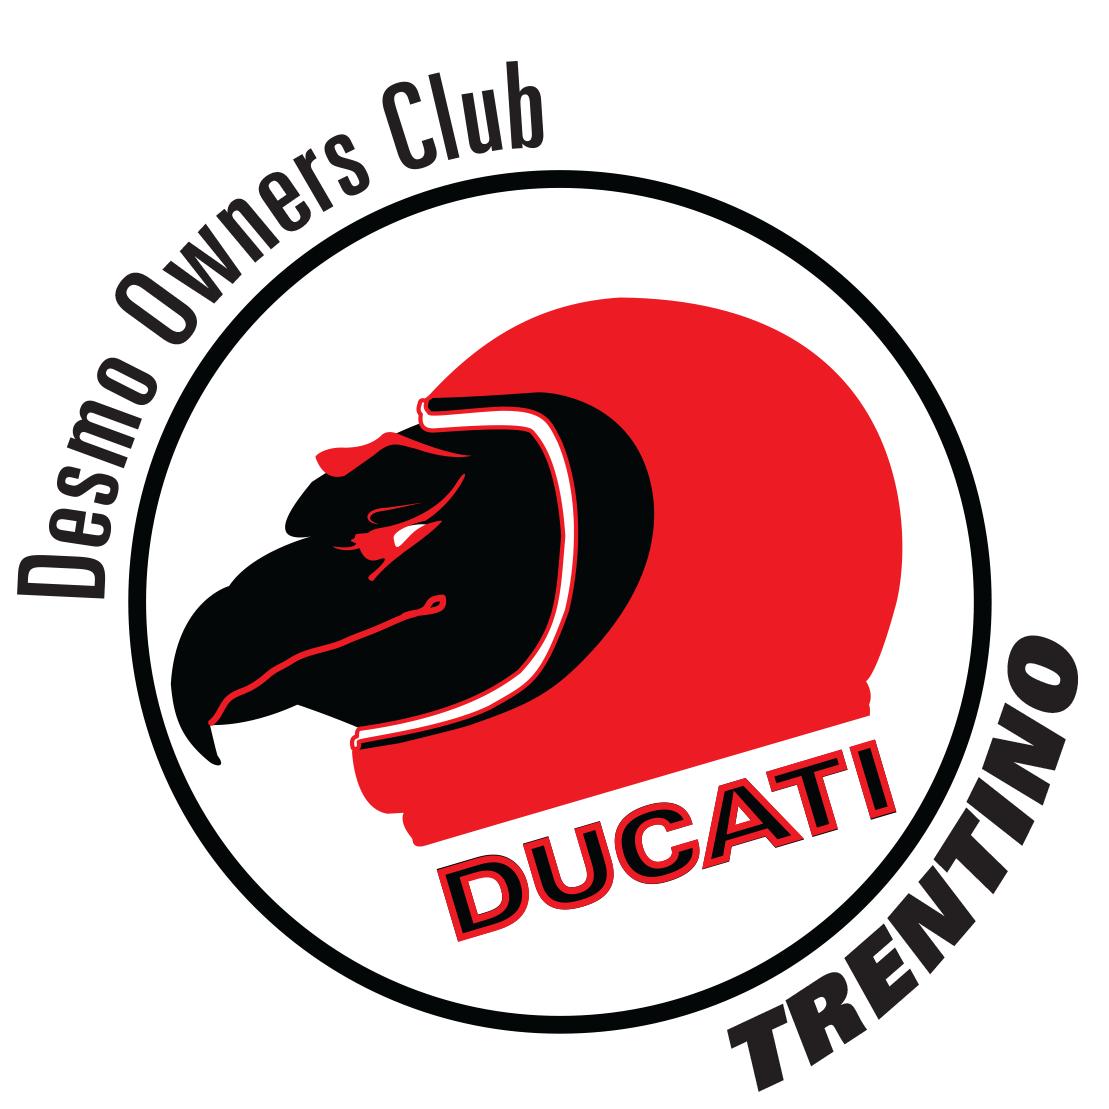 Ducatisti Trentini